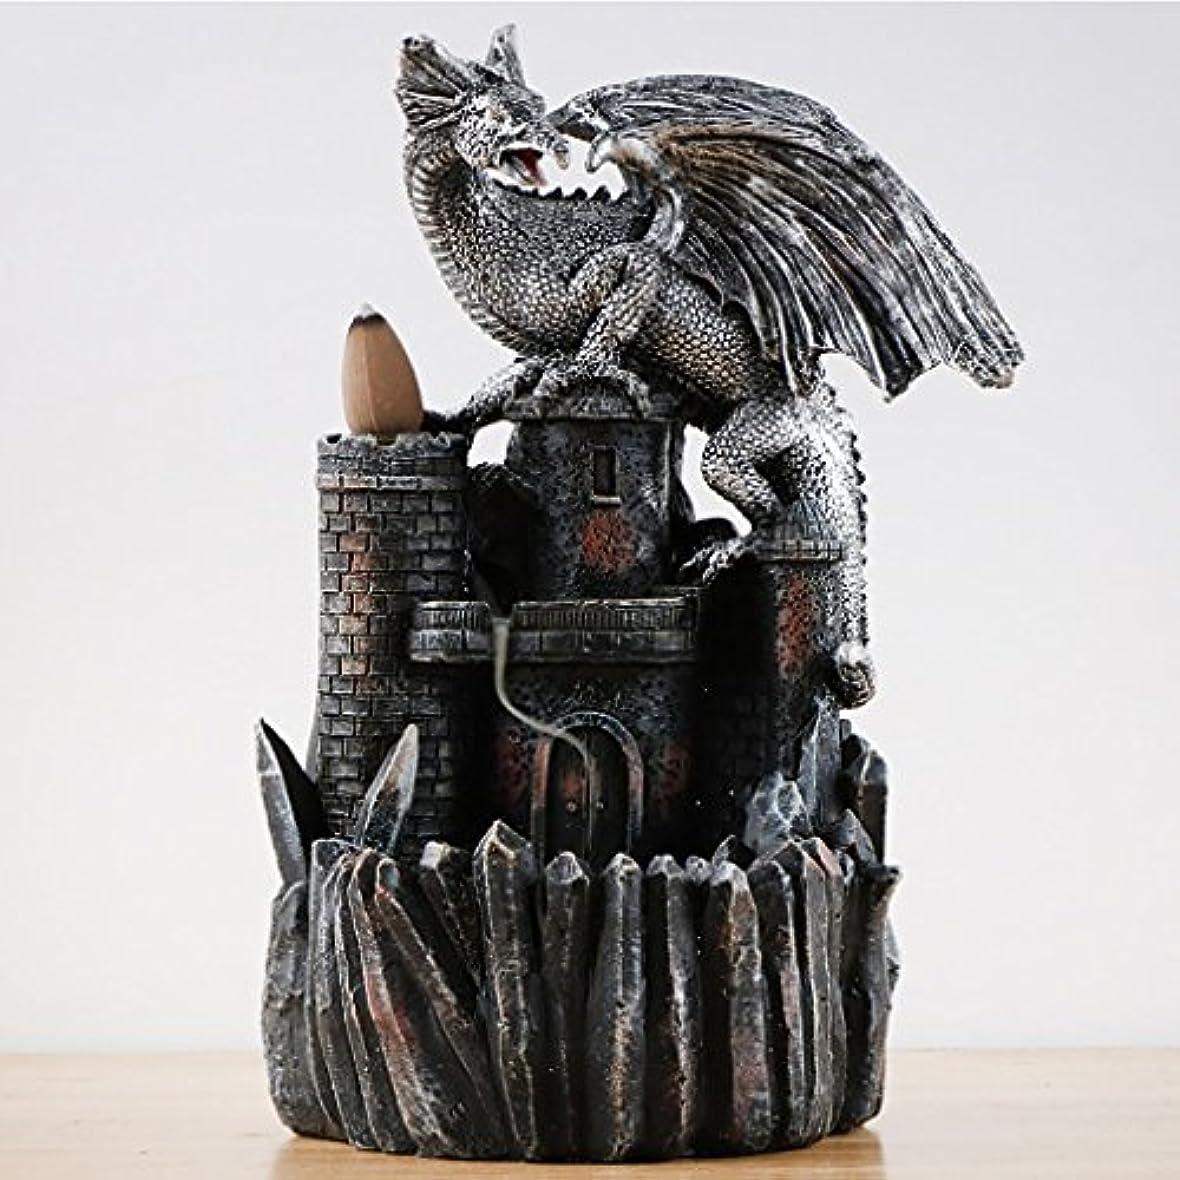 自我洞窟純粋なドラゴン香炉逆流香炉ホルダースモーク